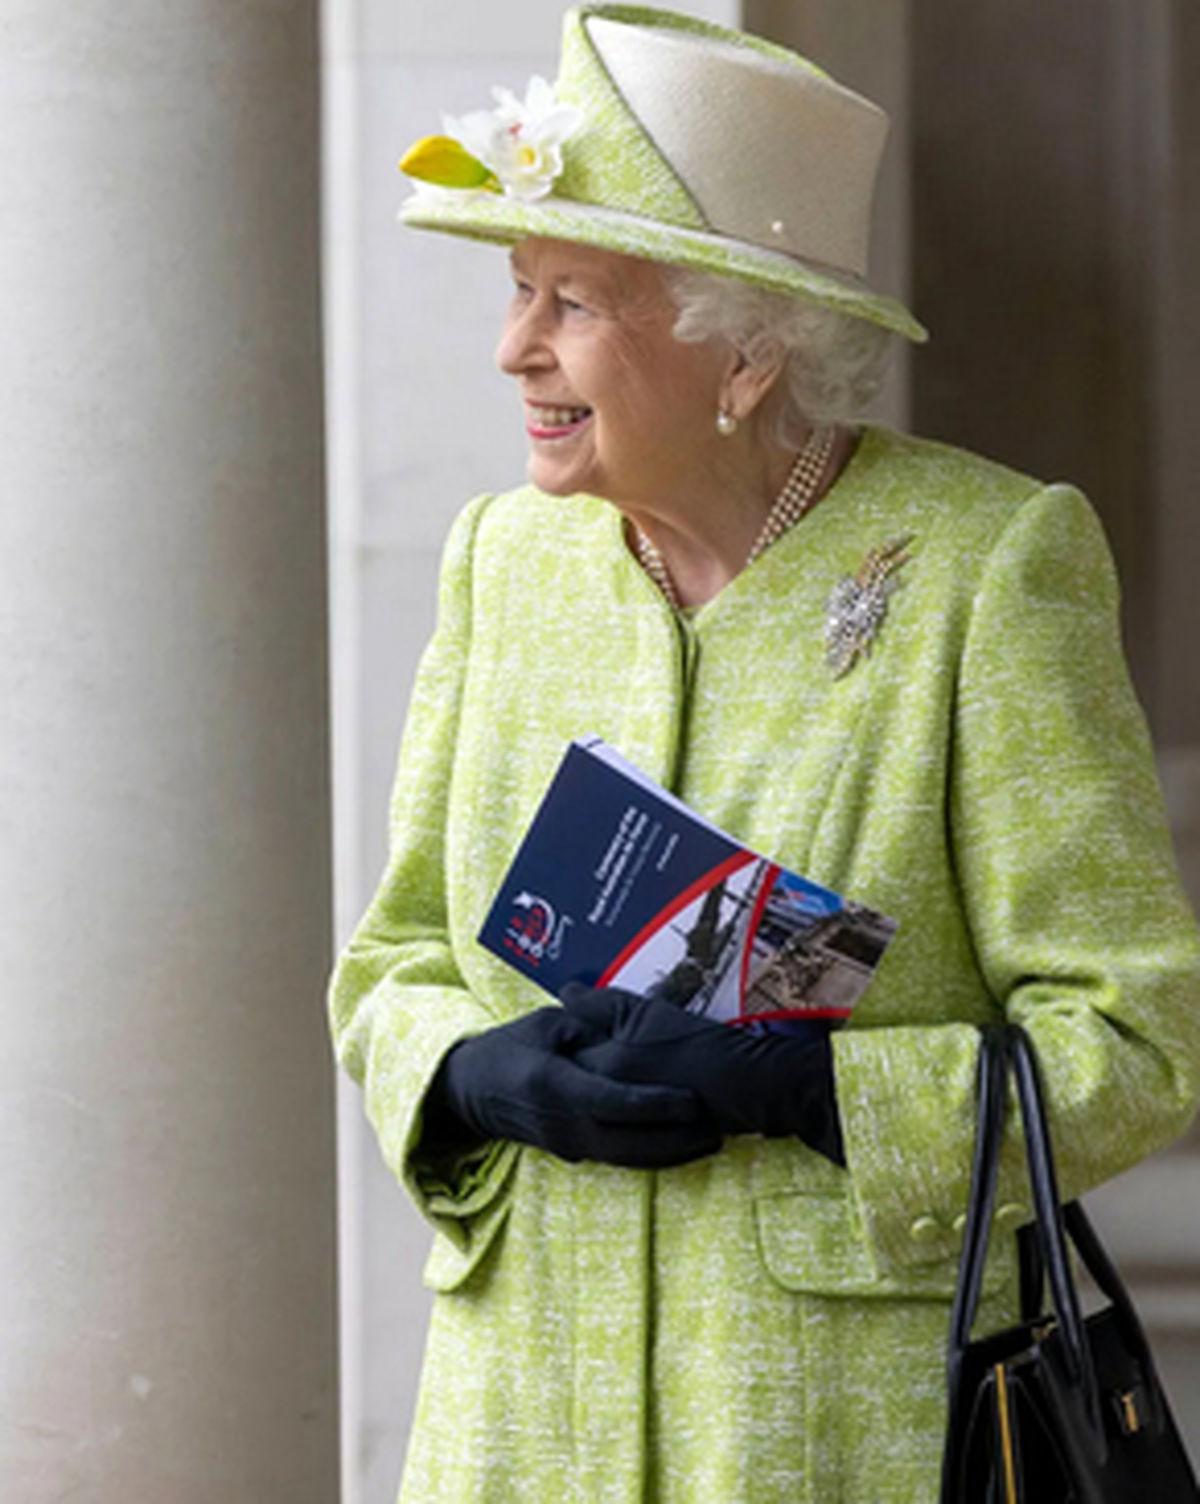 اولین حضور ملکه انگلیس در انظار عمومی پس از رسوایی اخیر+عکس